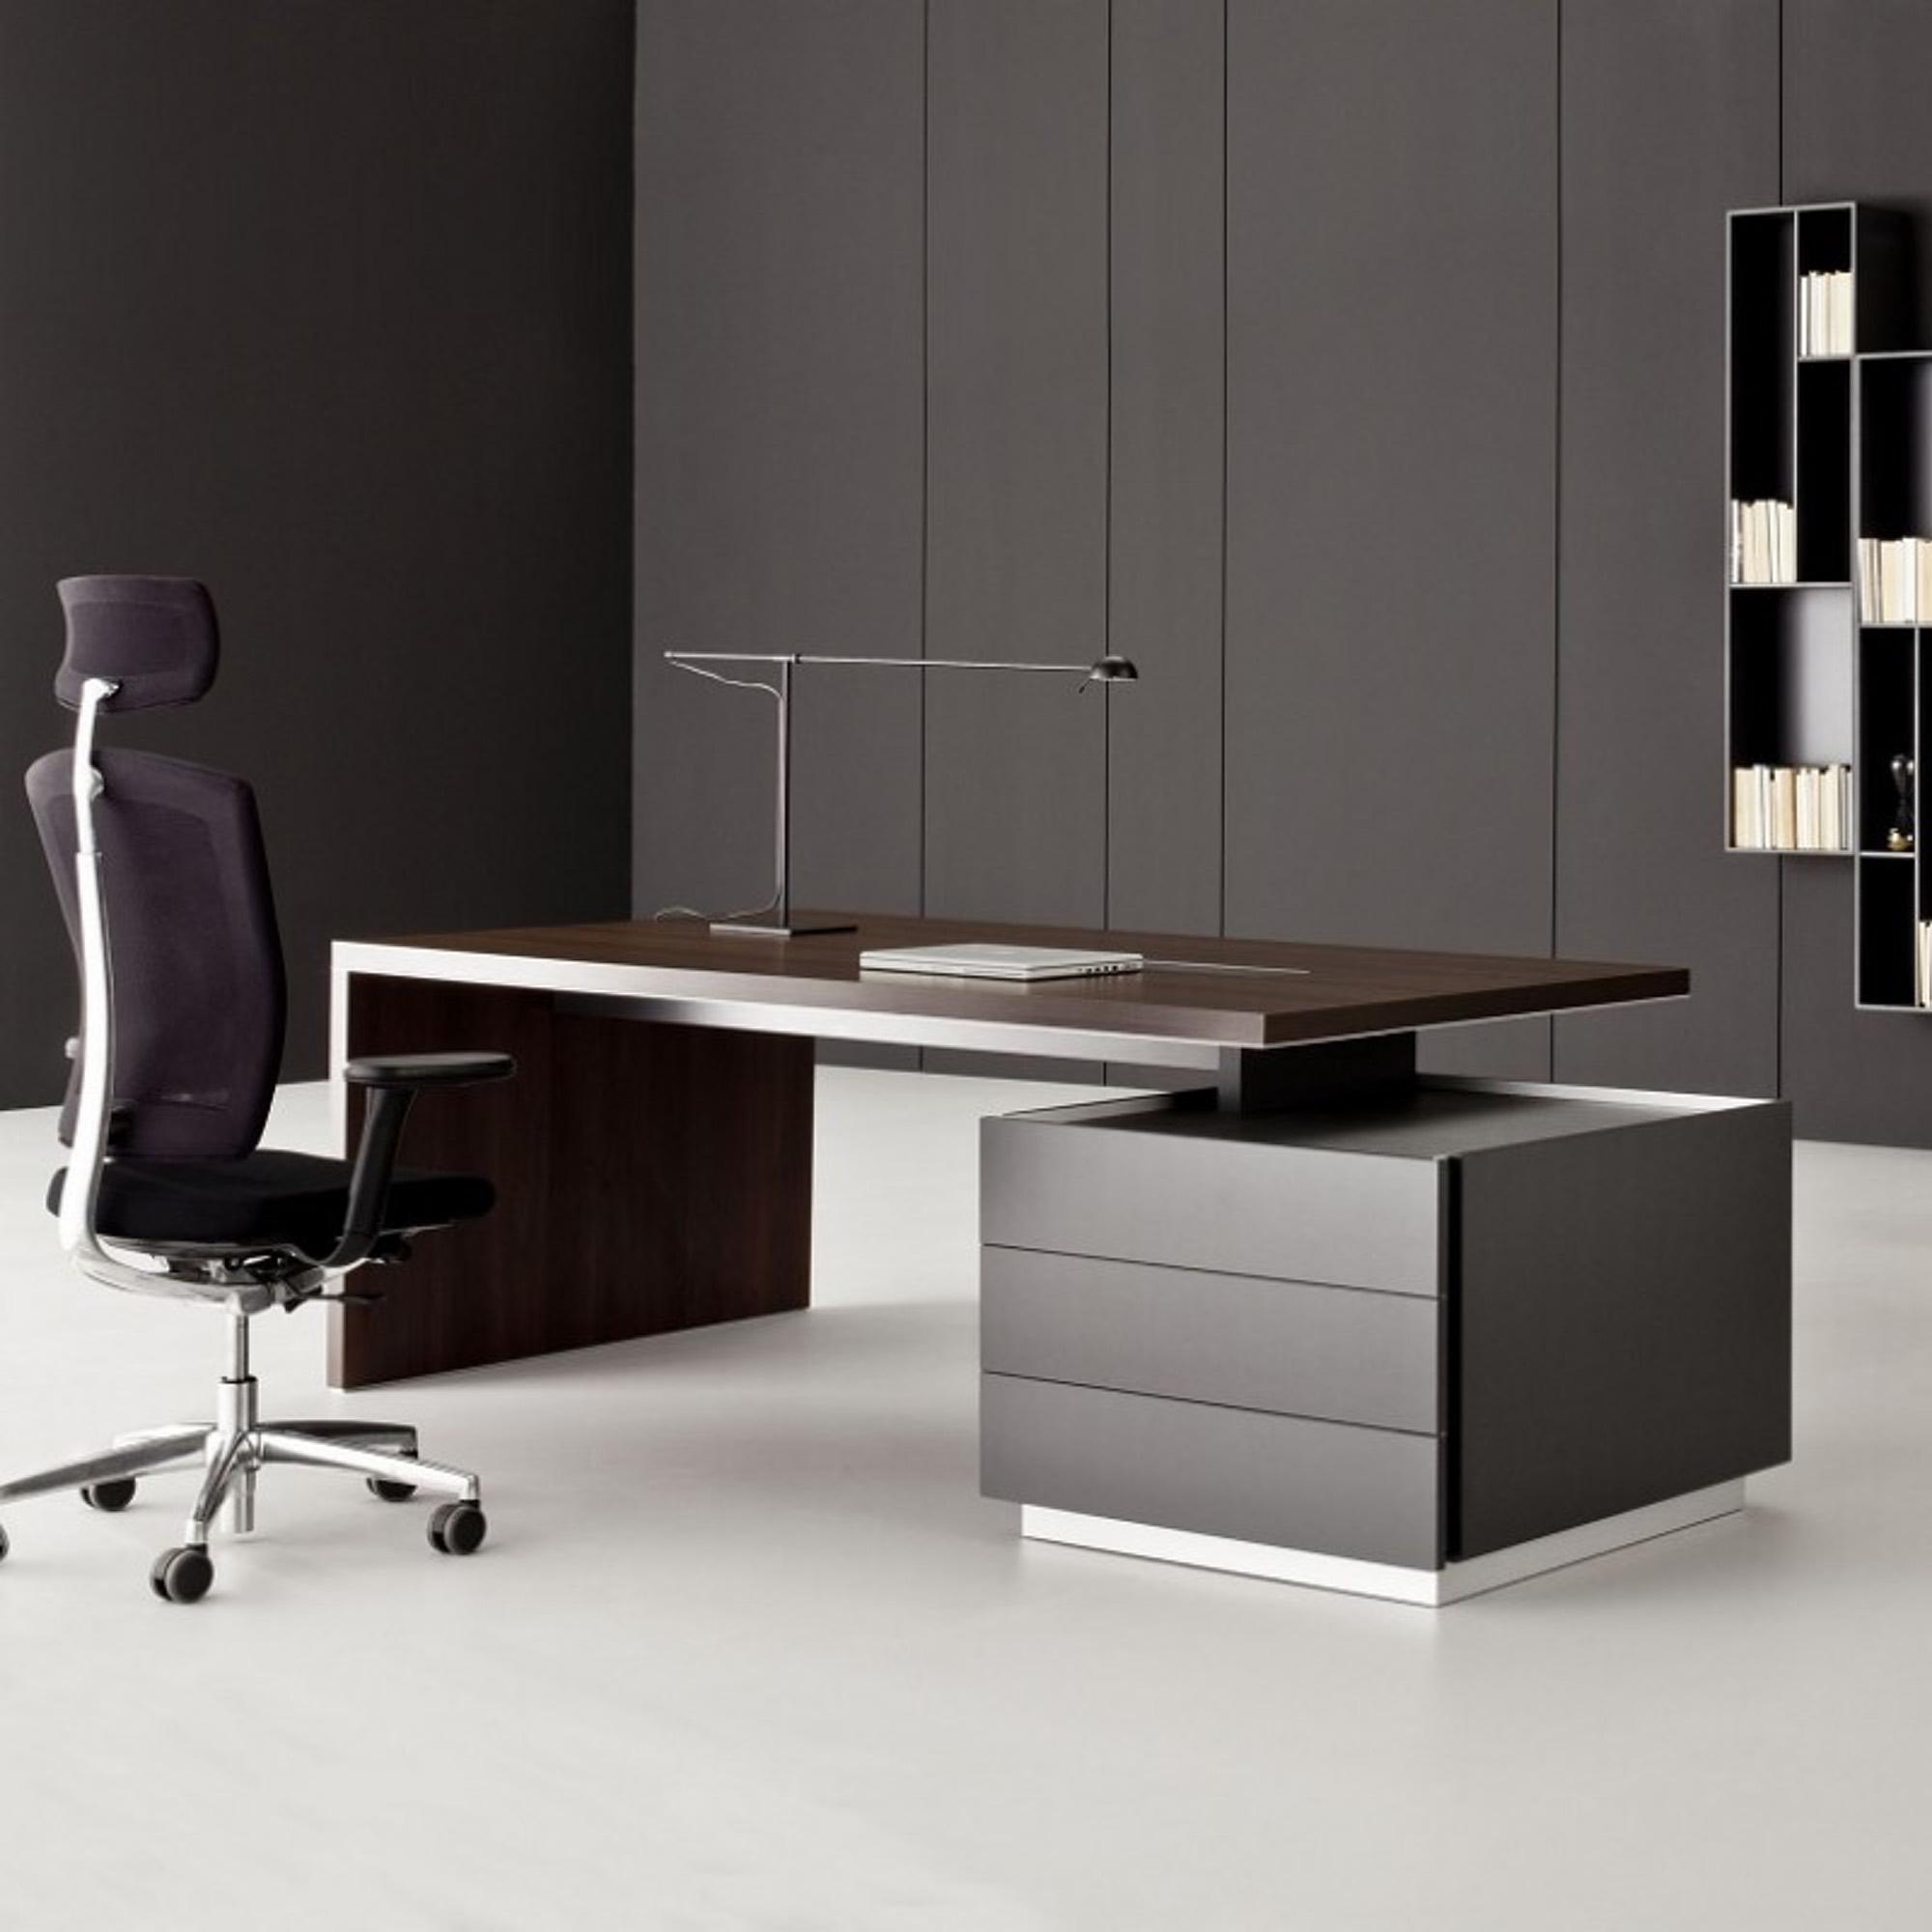 balma ostin executive schreibtisch mit standcontainer b ro schreibtische arbeitsplatz. Black Bedroom Furniture Sets. Home Design Ideas